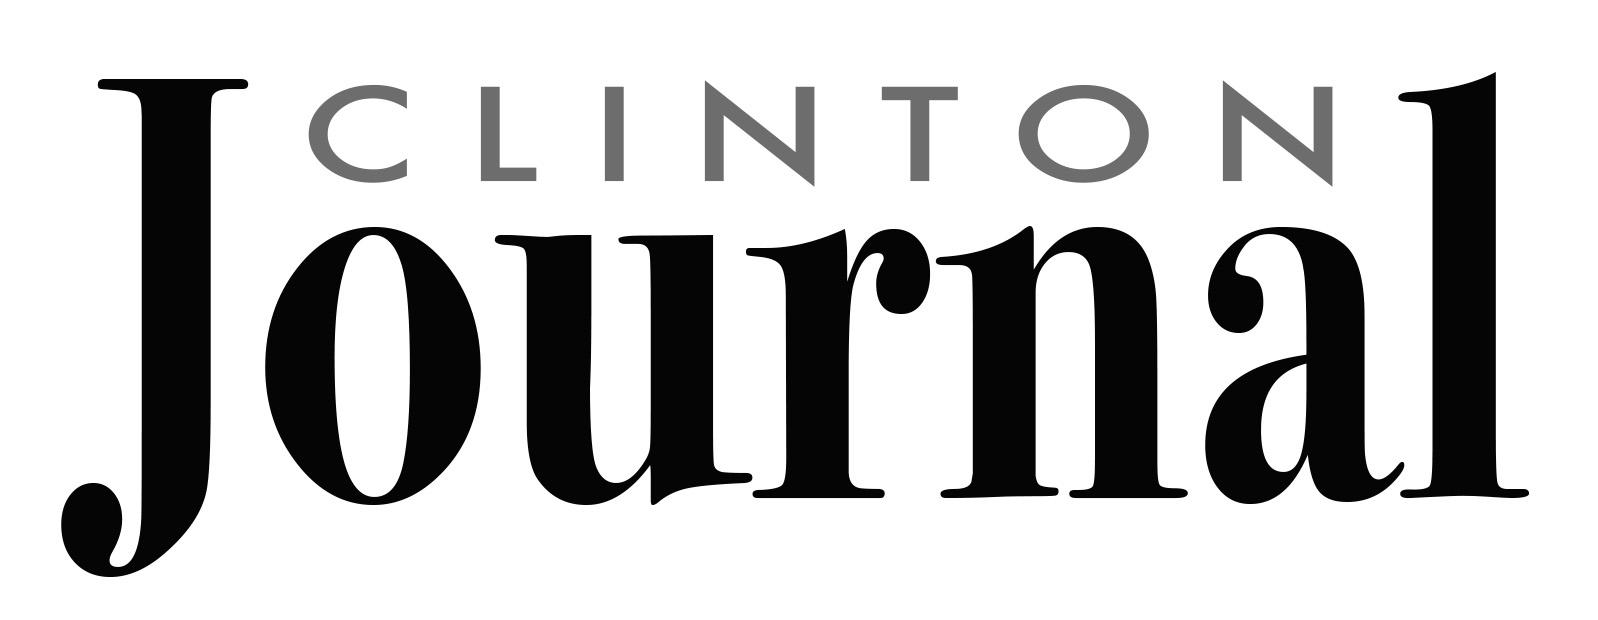 Clinton Journal